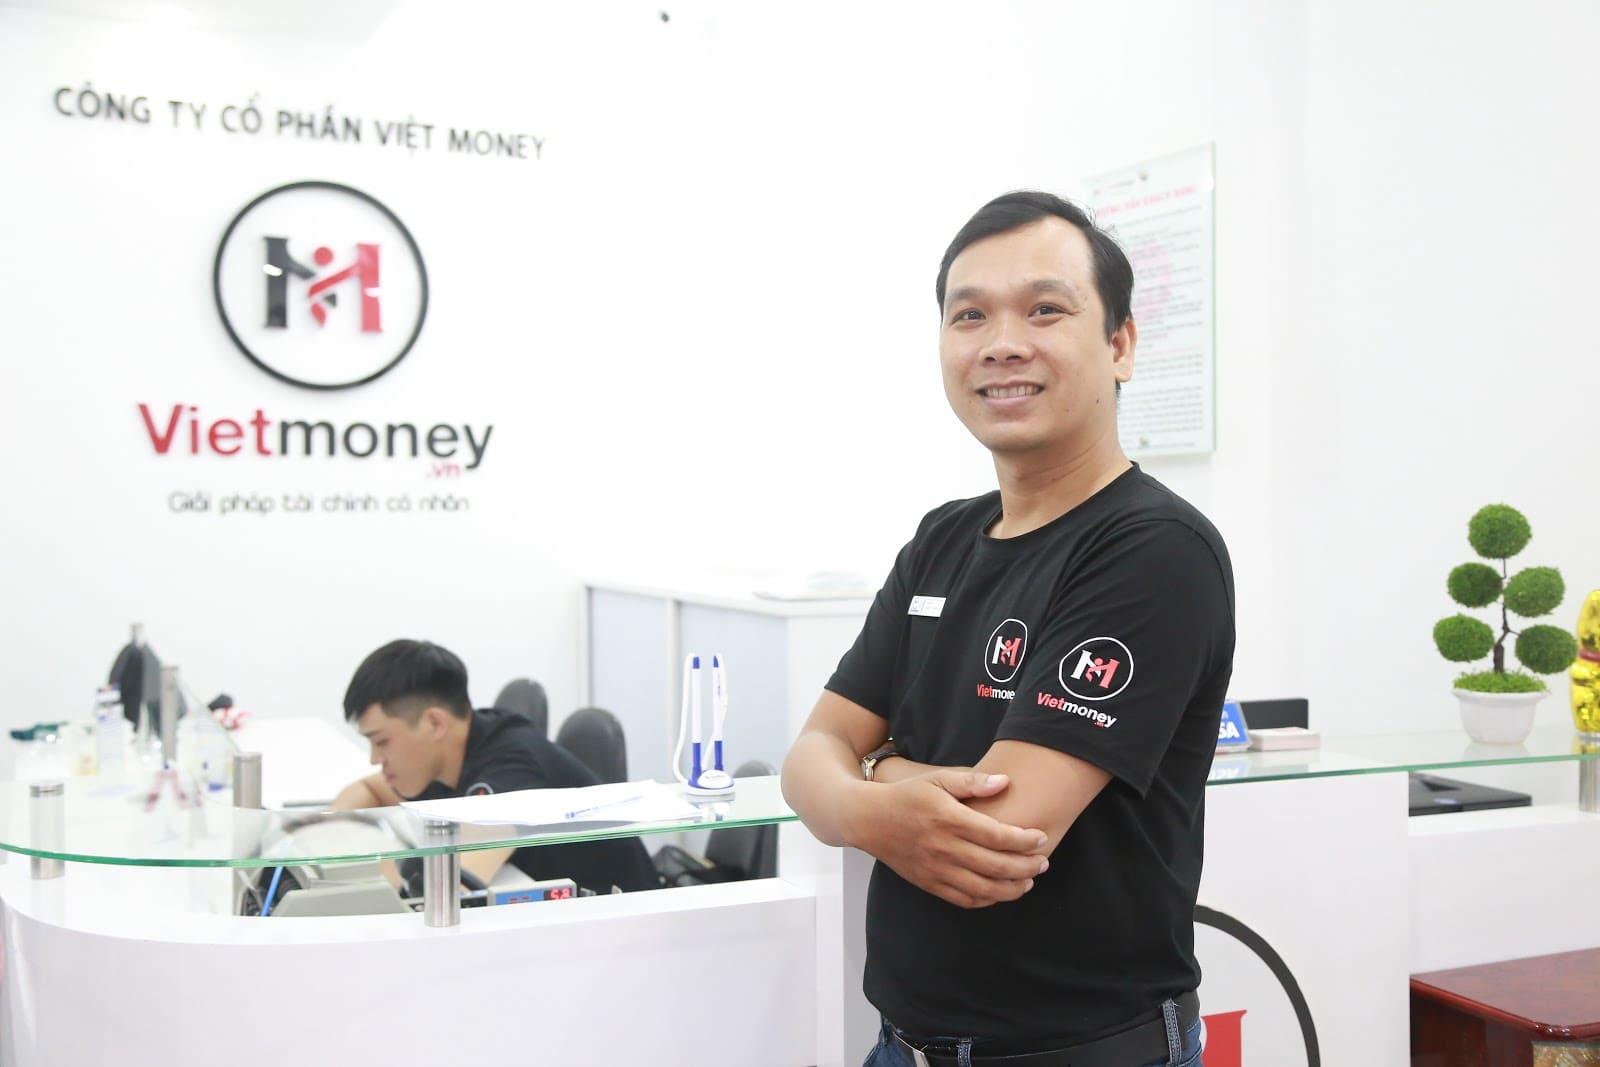 Viet Money cung cấp giải pháp thay thế vay tiền qua thẻ tín dụng